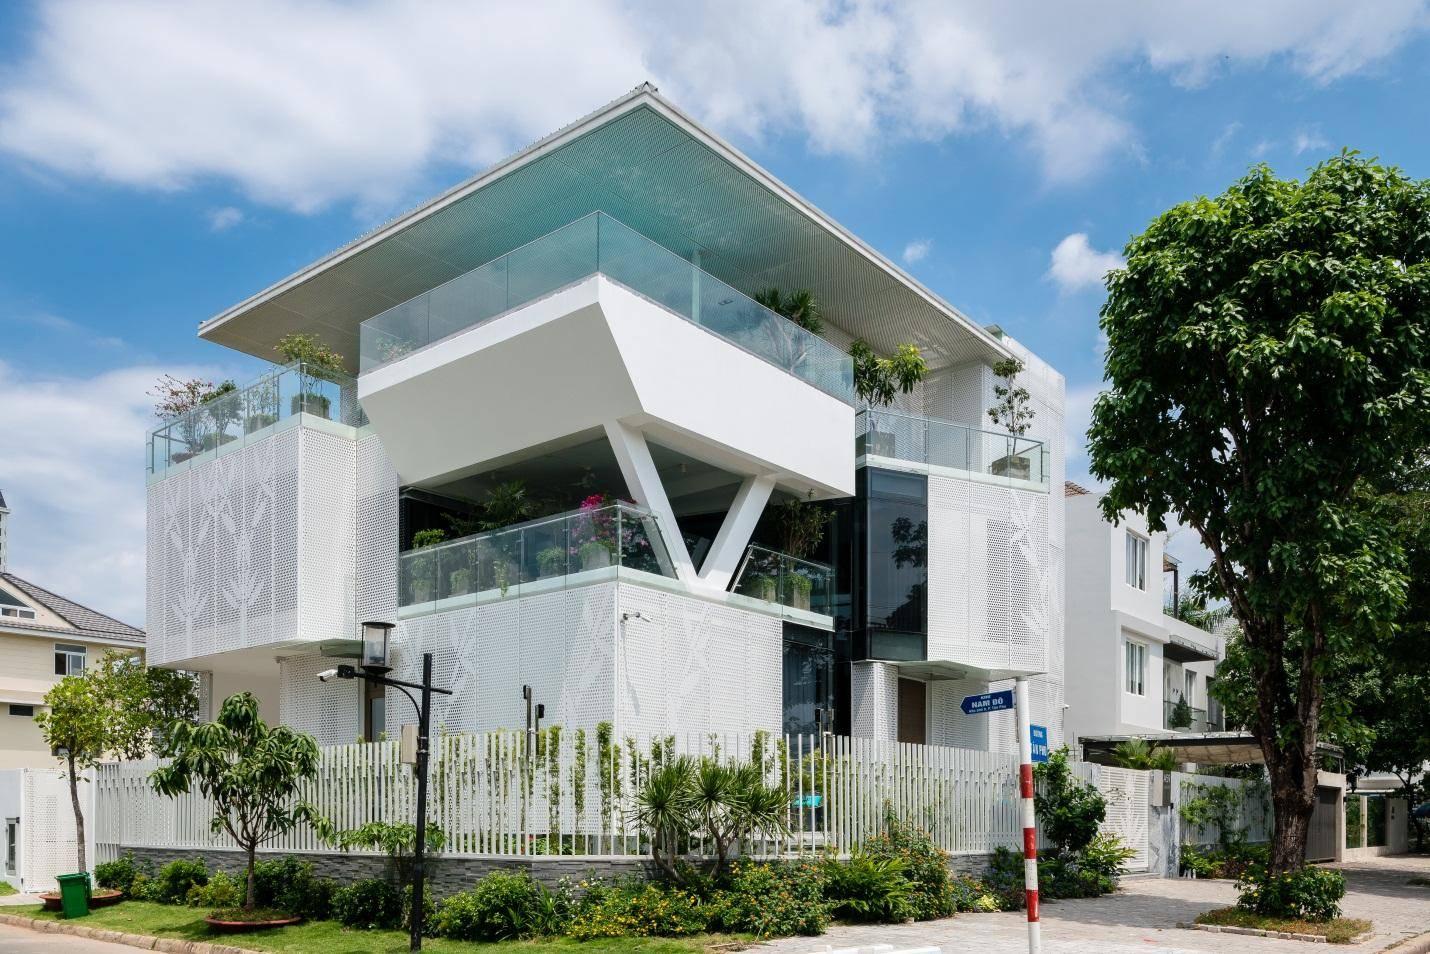 Cây xanh là một phần của ngôi nhà, mang đến sức sống và góp phần làm dịu mát phần sân và hiên nhà